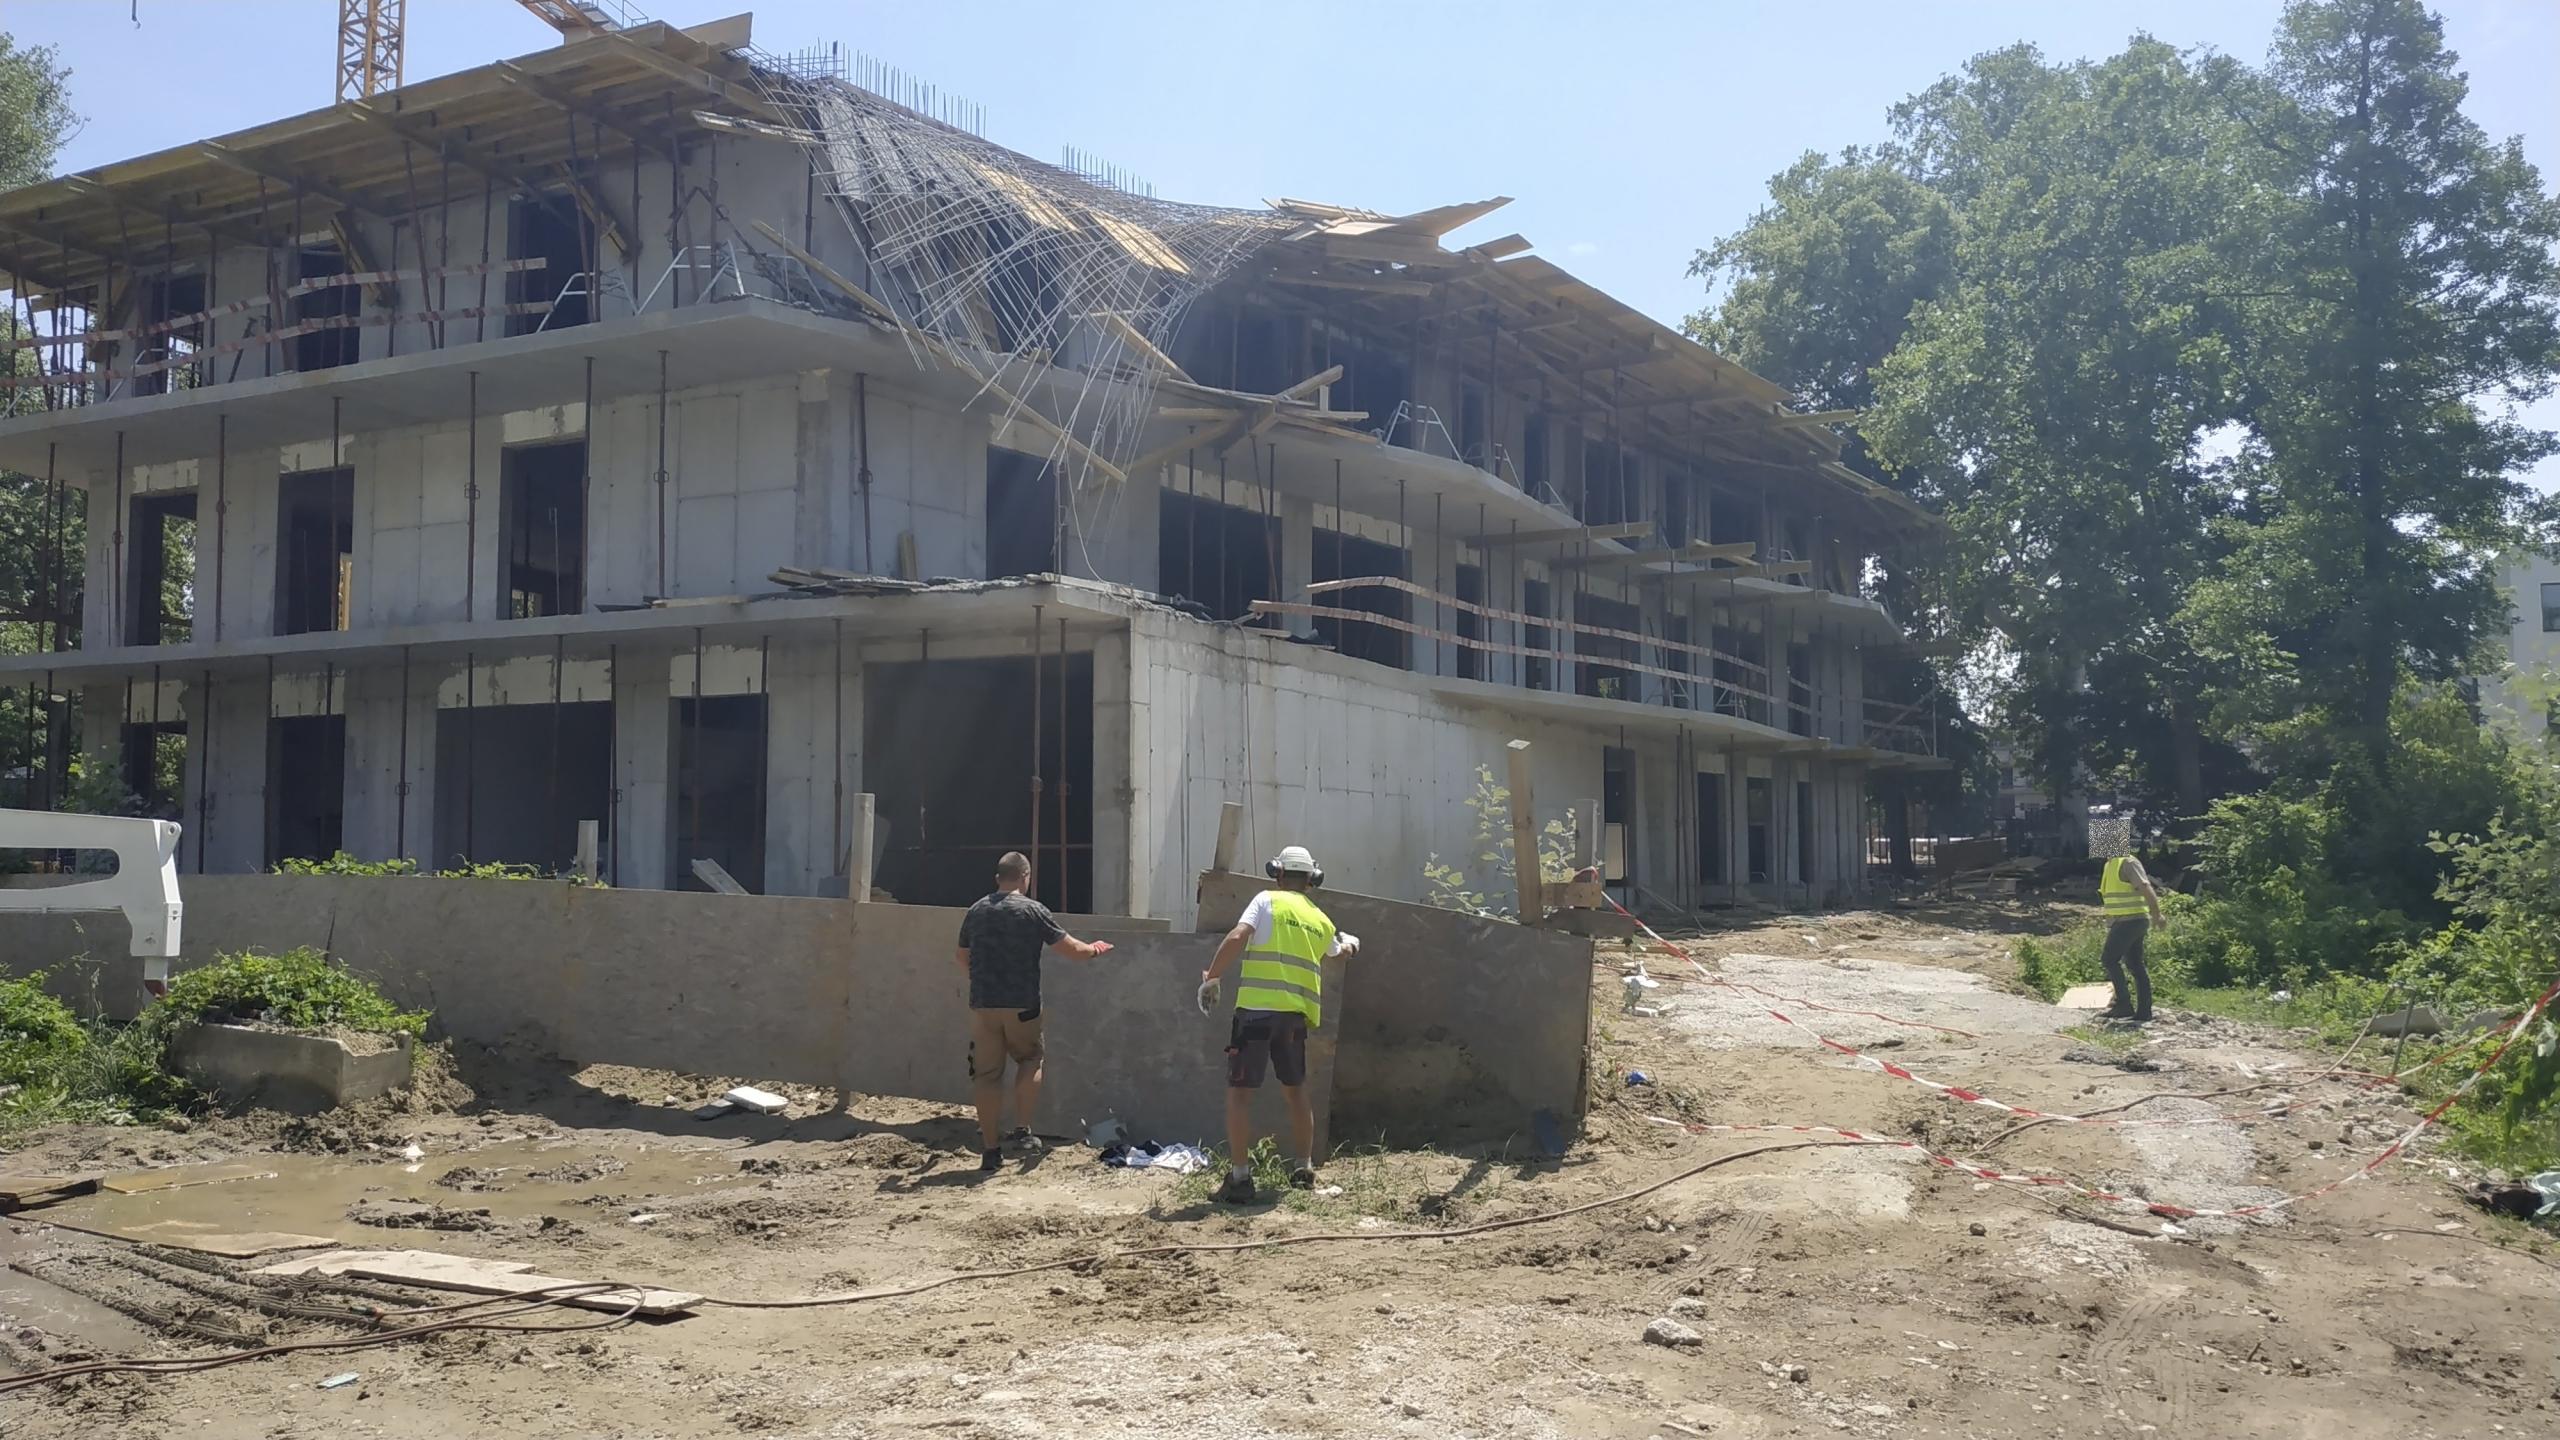 Beszakadt a tető egy balatonföldvári építkezésen